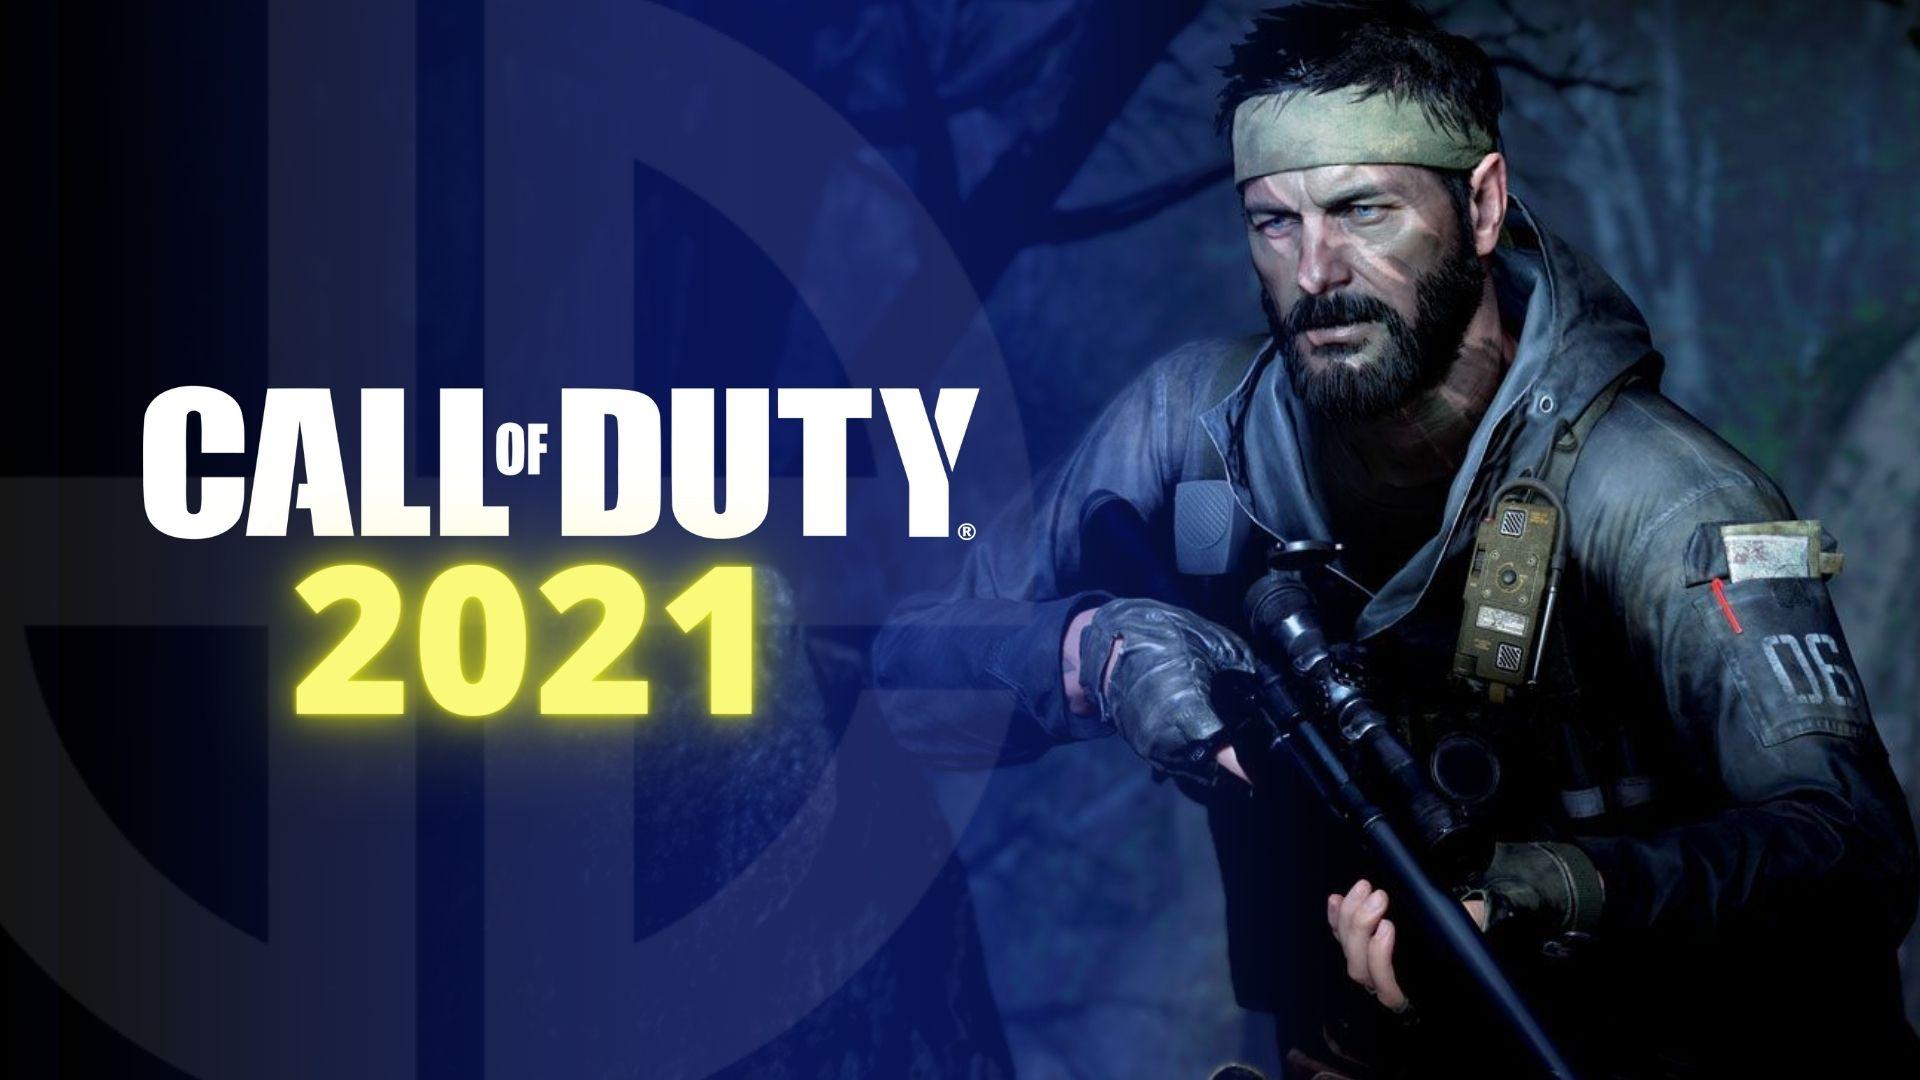 CoD 2021 image